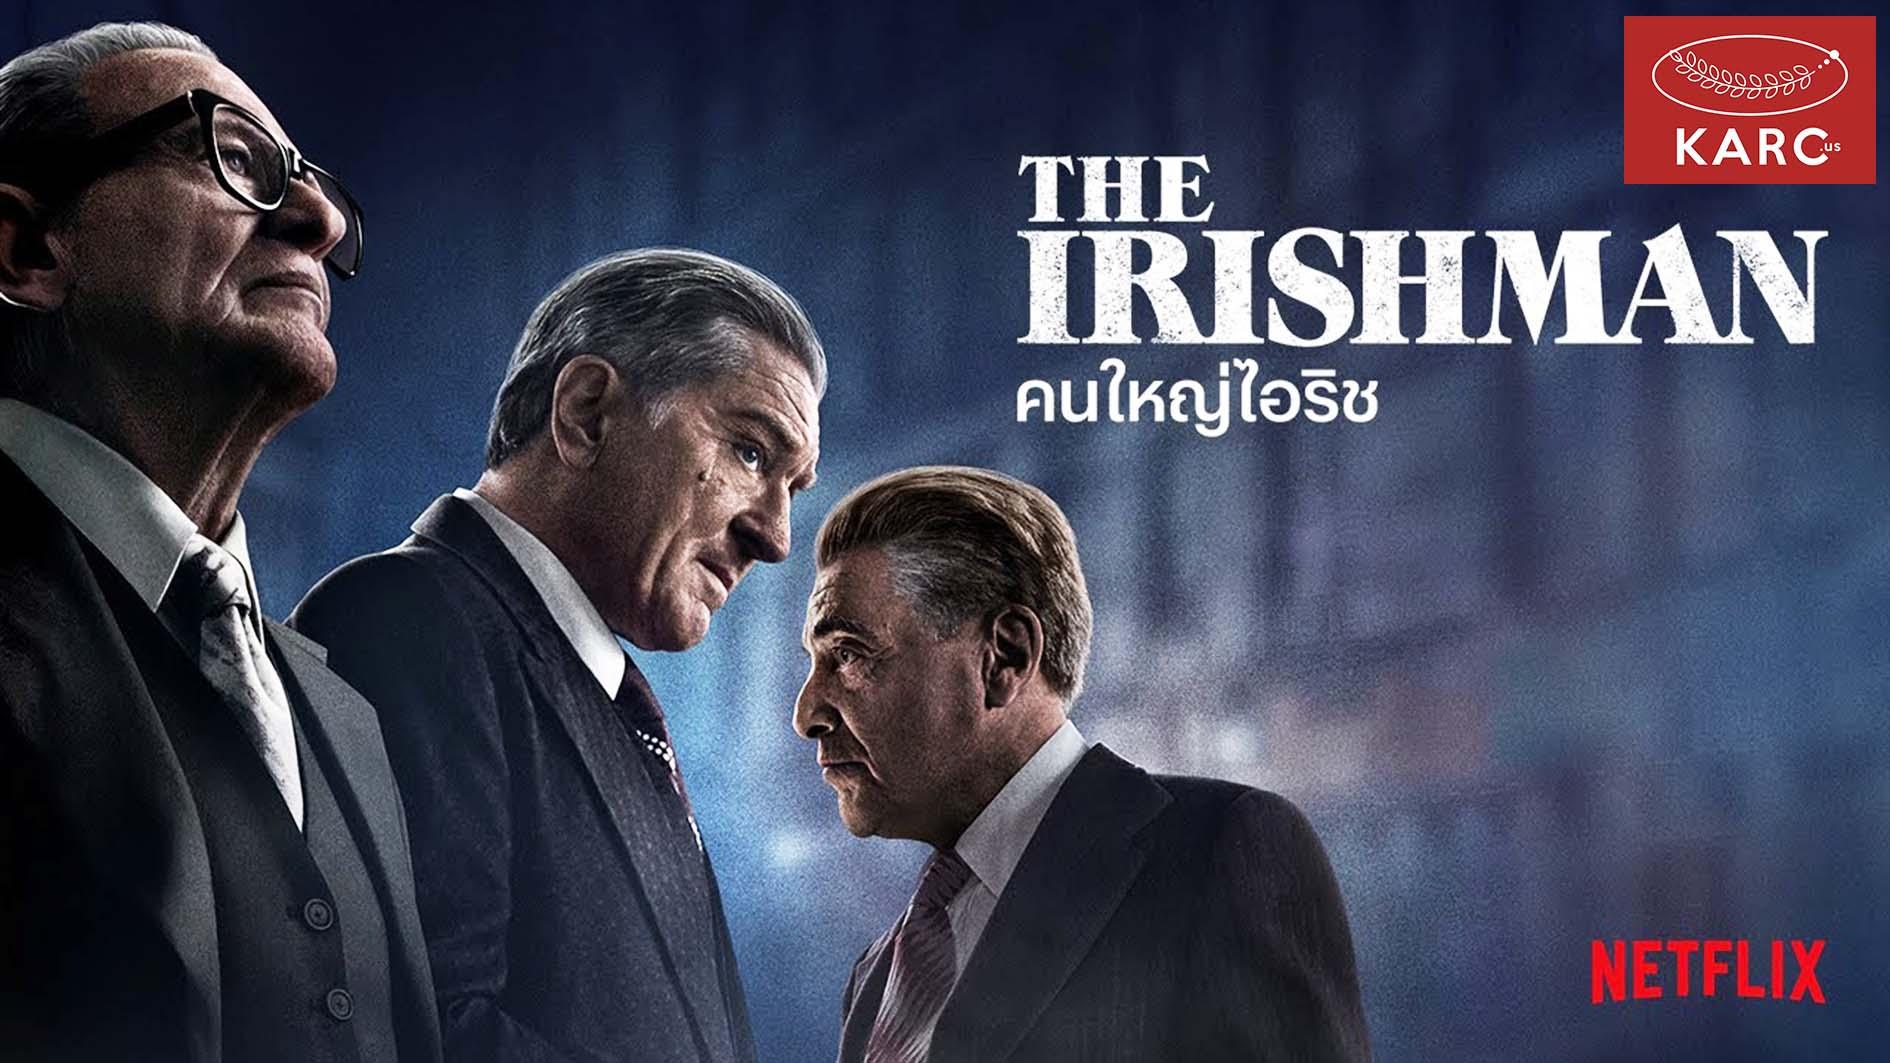 รีวิว The Irishman หนังยาวมาเฟีย ที่คุ้มค่าการแก่ดู karc.us , วงการภาพยนต์ , แนะนำหนังดี , แนะนำหนังน่าดูหนังน่าดู , รีวิวหนังใหม่ , ก่อนตายต้องได้ดู! , ข่าวดารา , ข่าวเด่นประเด็นร้อน , รีวิวหนังใหม่ , หนังดังในอดีต